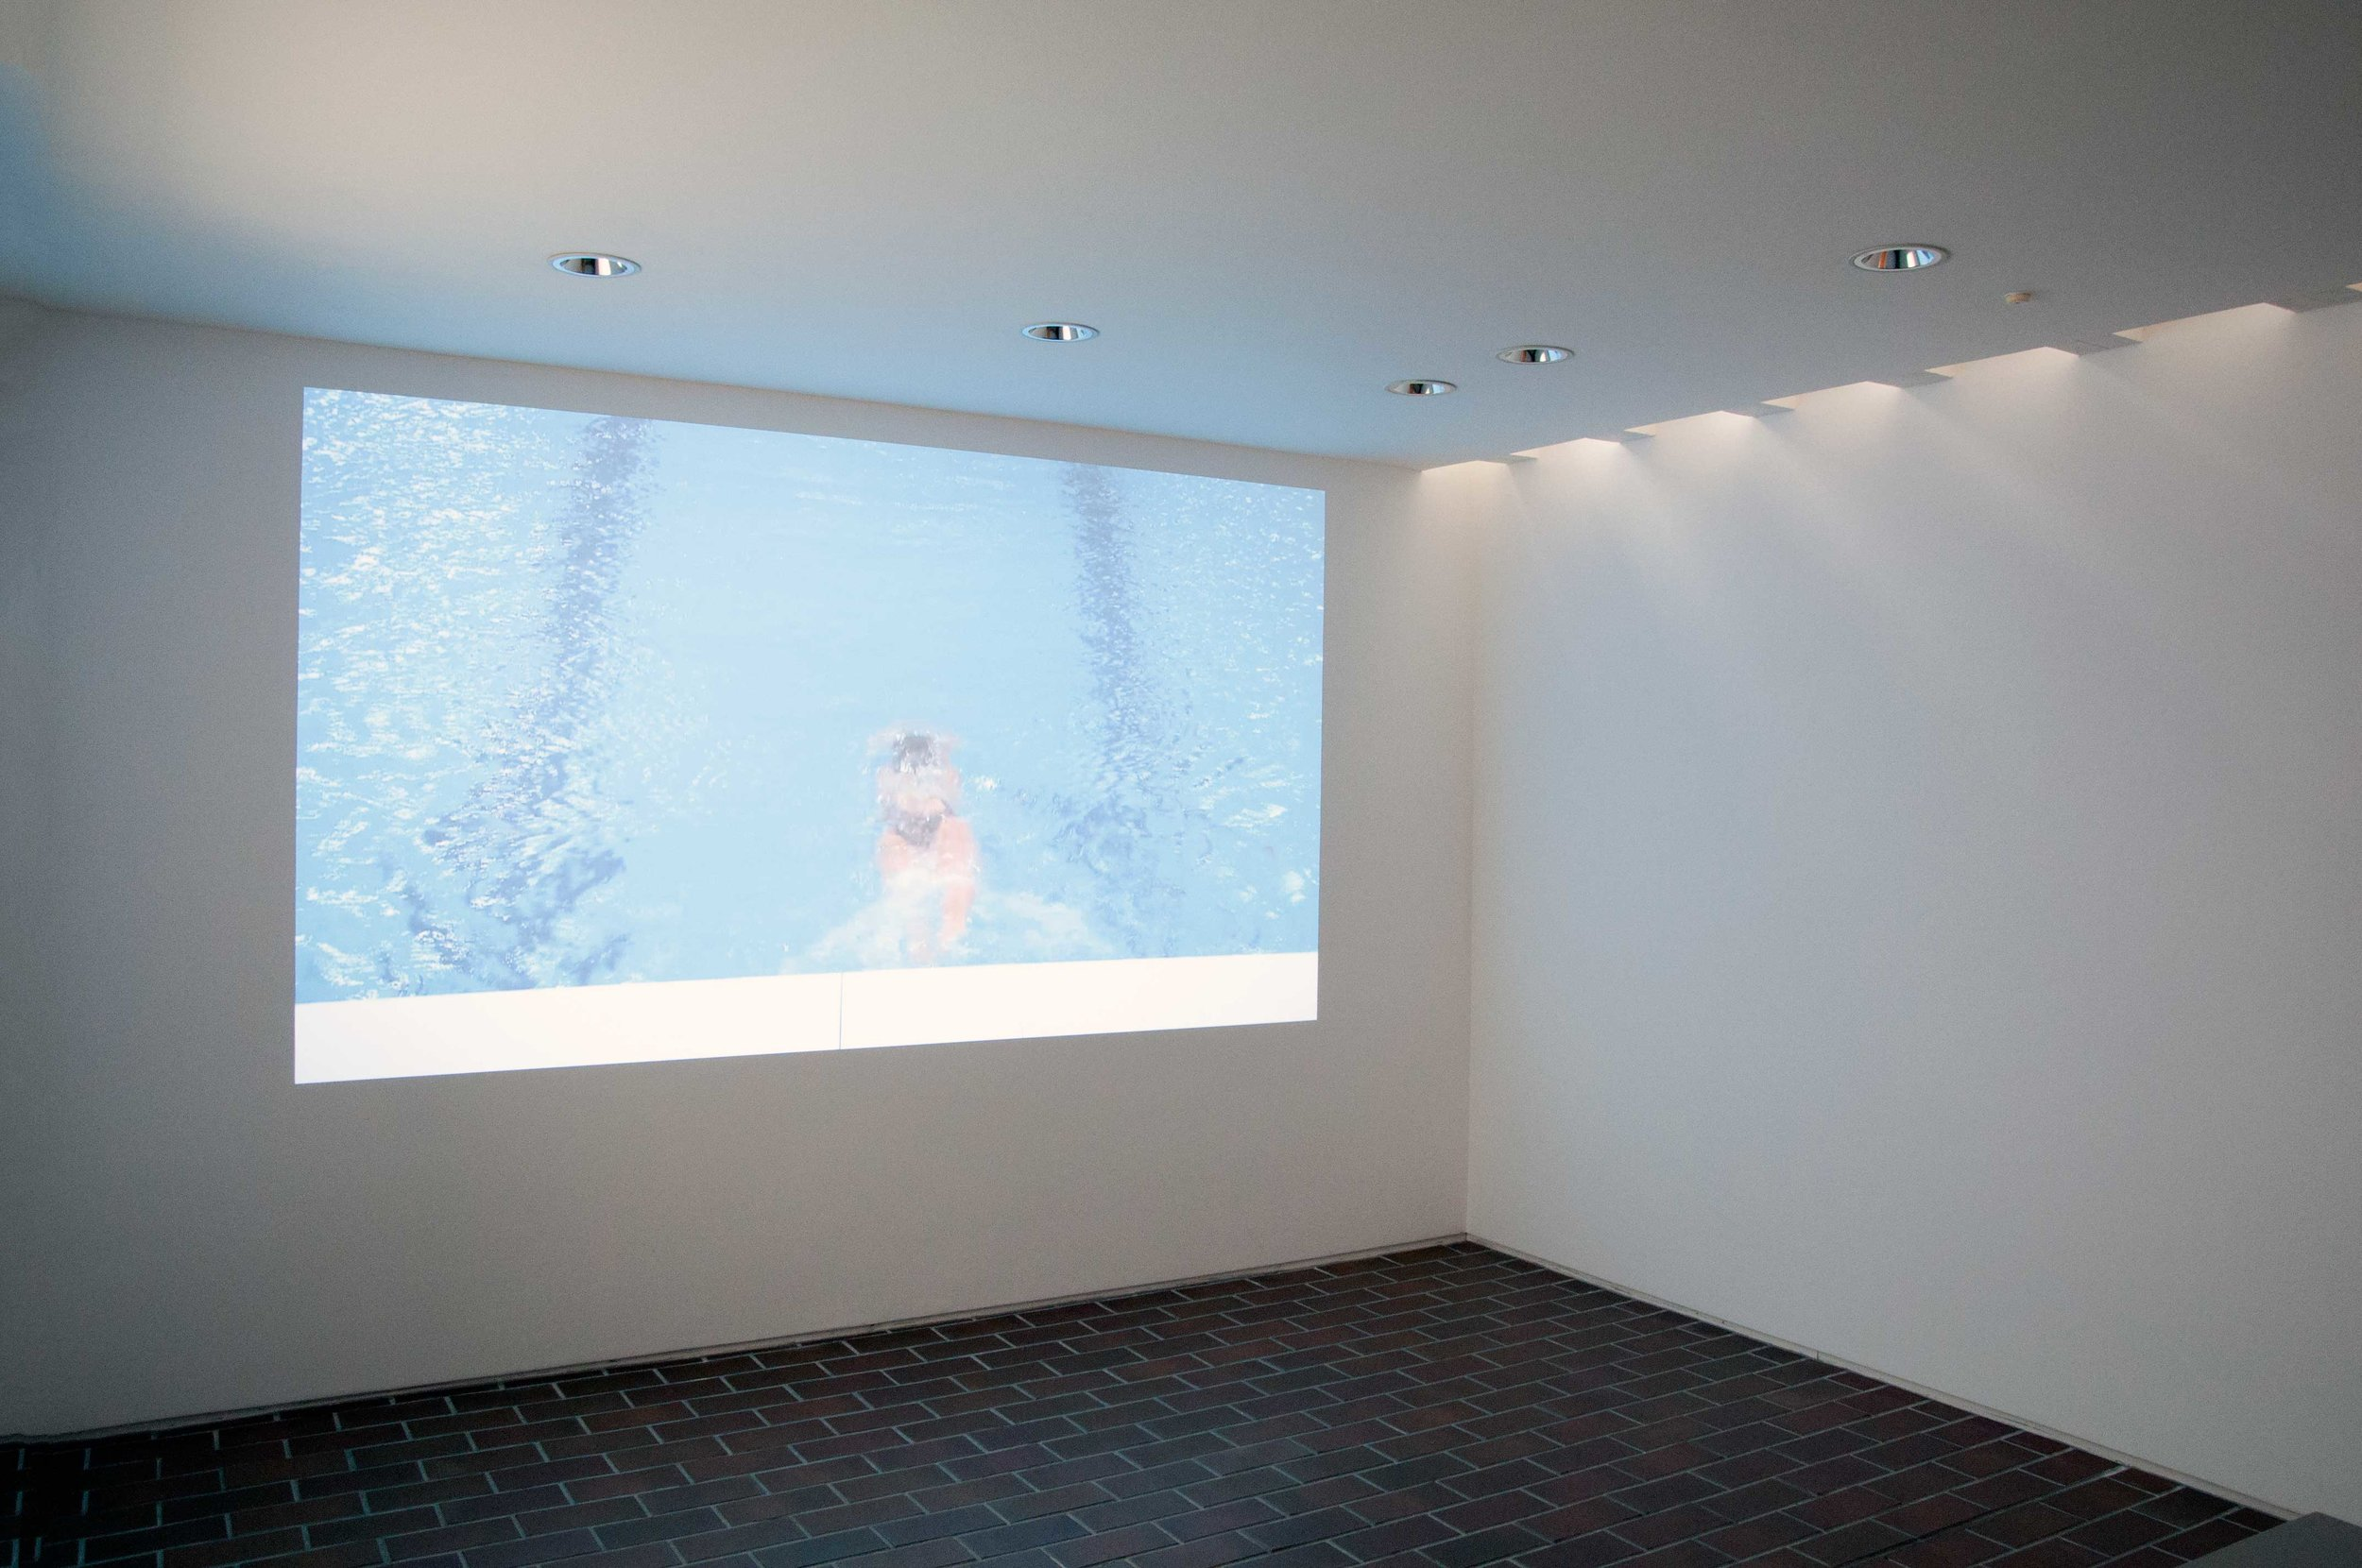 Neville-Gabie-'Semra'-Film-Exhibition-View.jpg